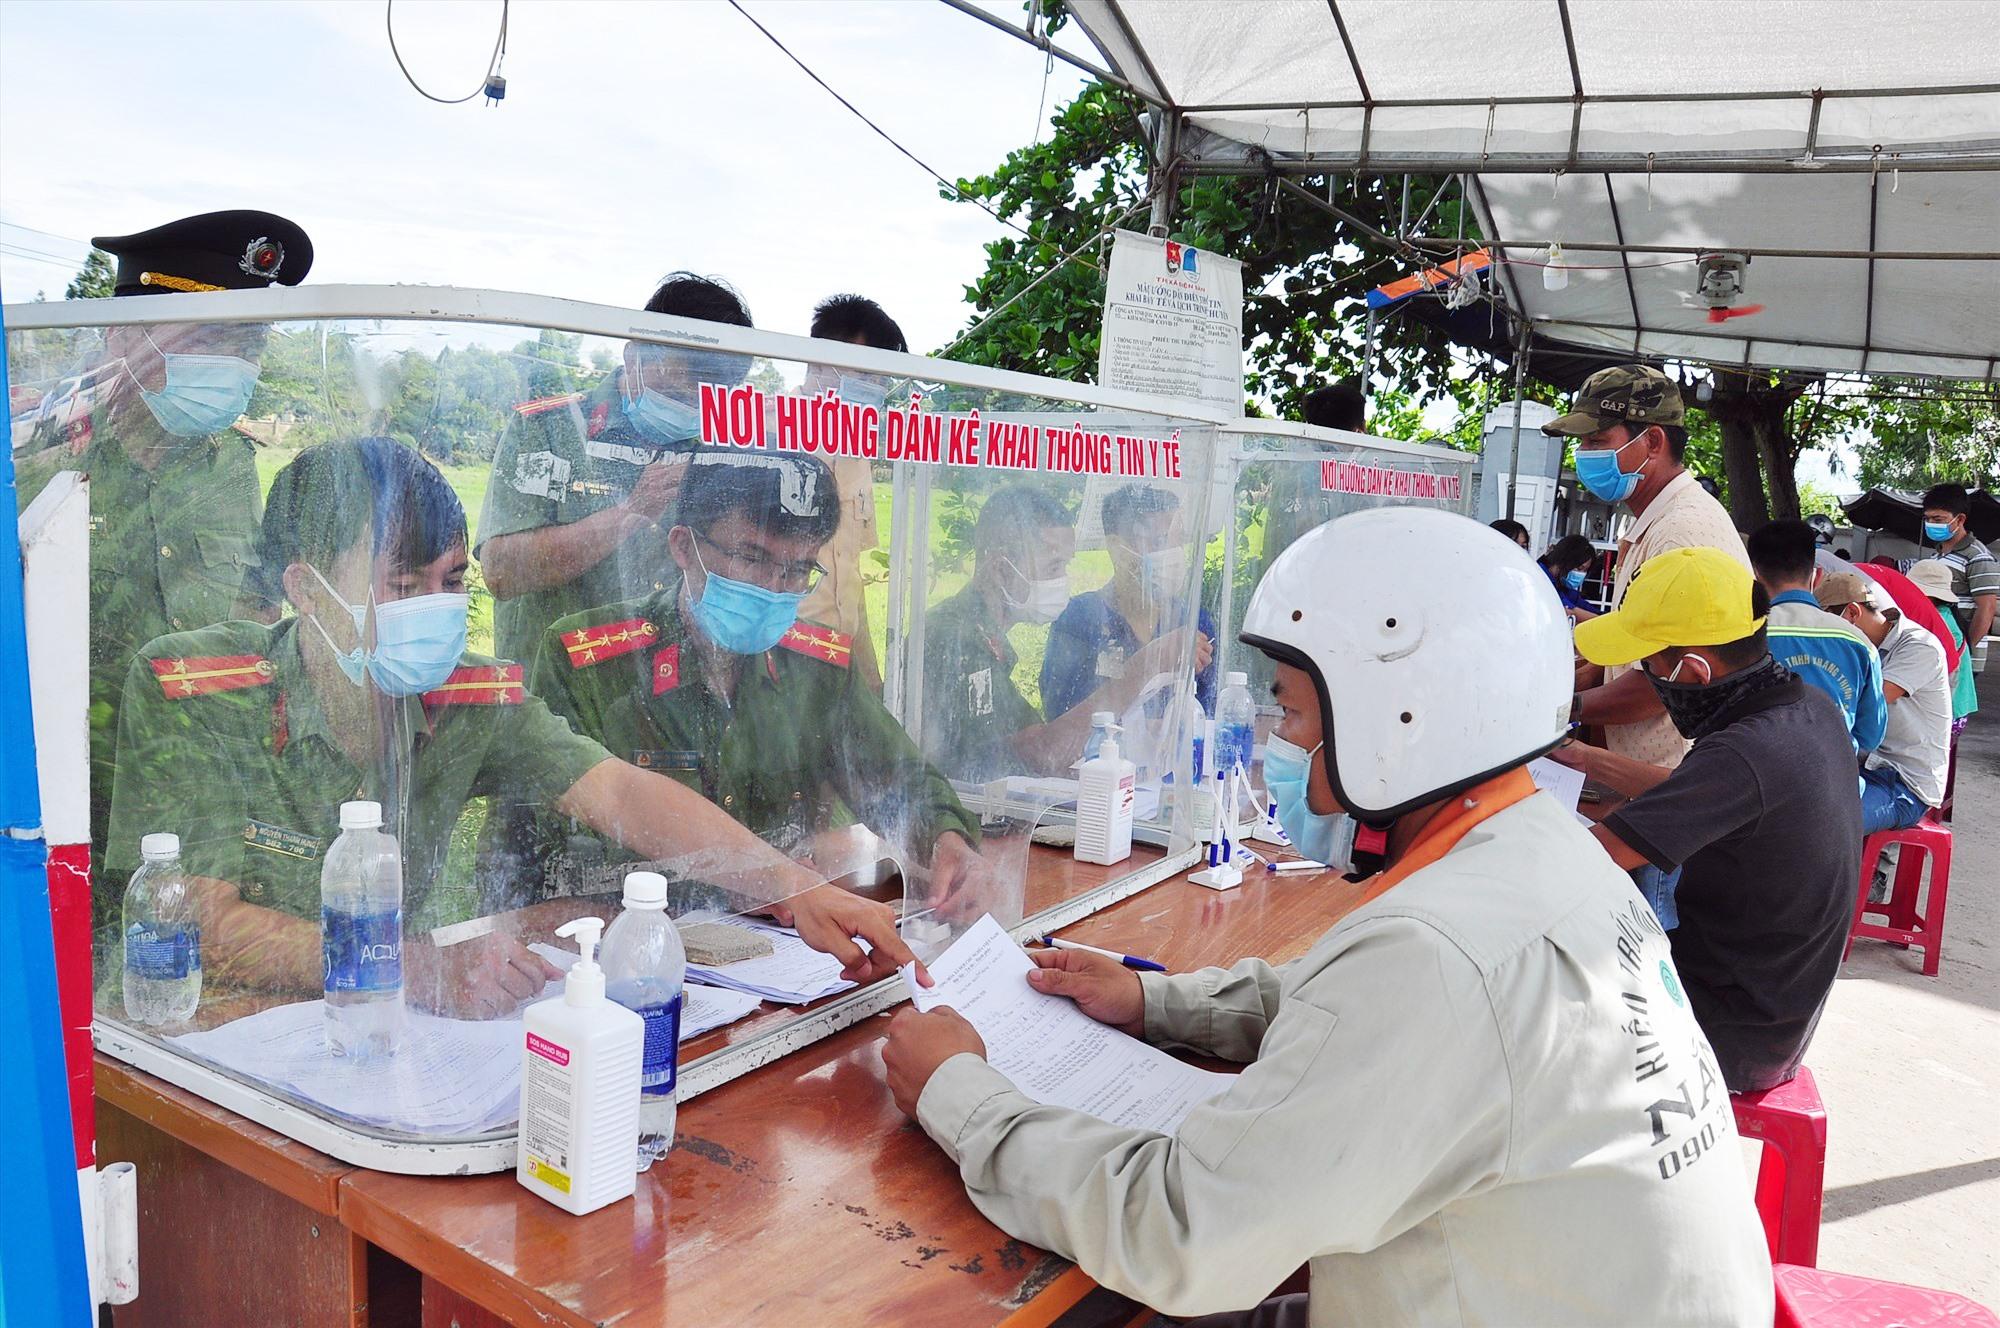 Người dân khai báo y tế tại chốt kiểm soát cấp tỉnh trên quốc lộ 1 tại thị xã Điện Bàn. Ảnh: V.A